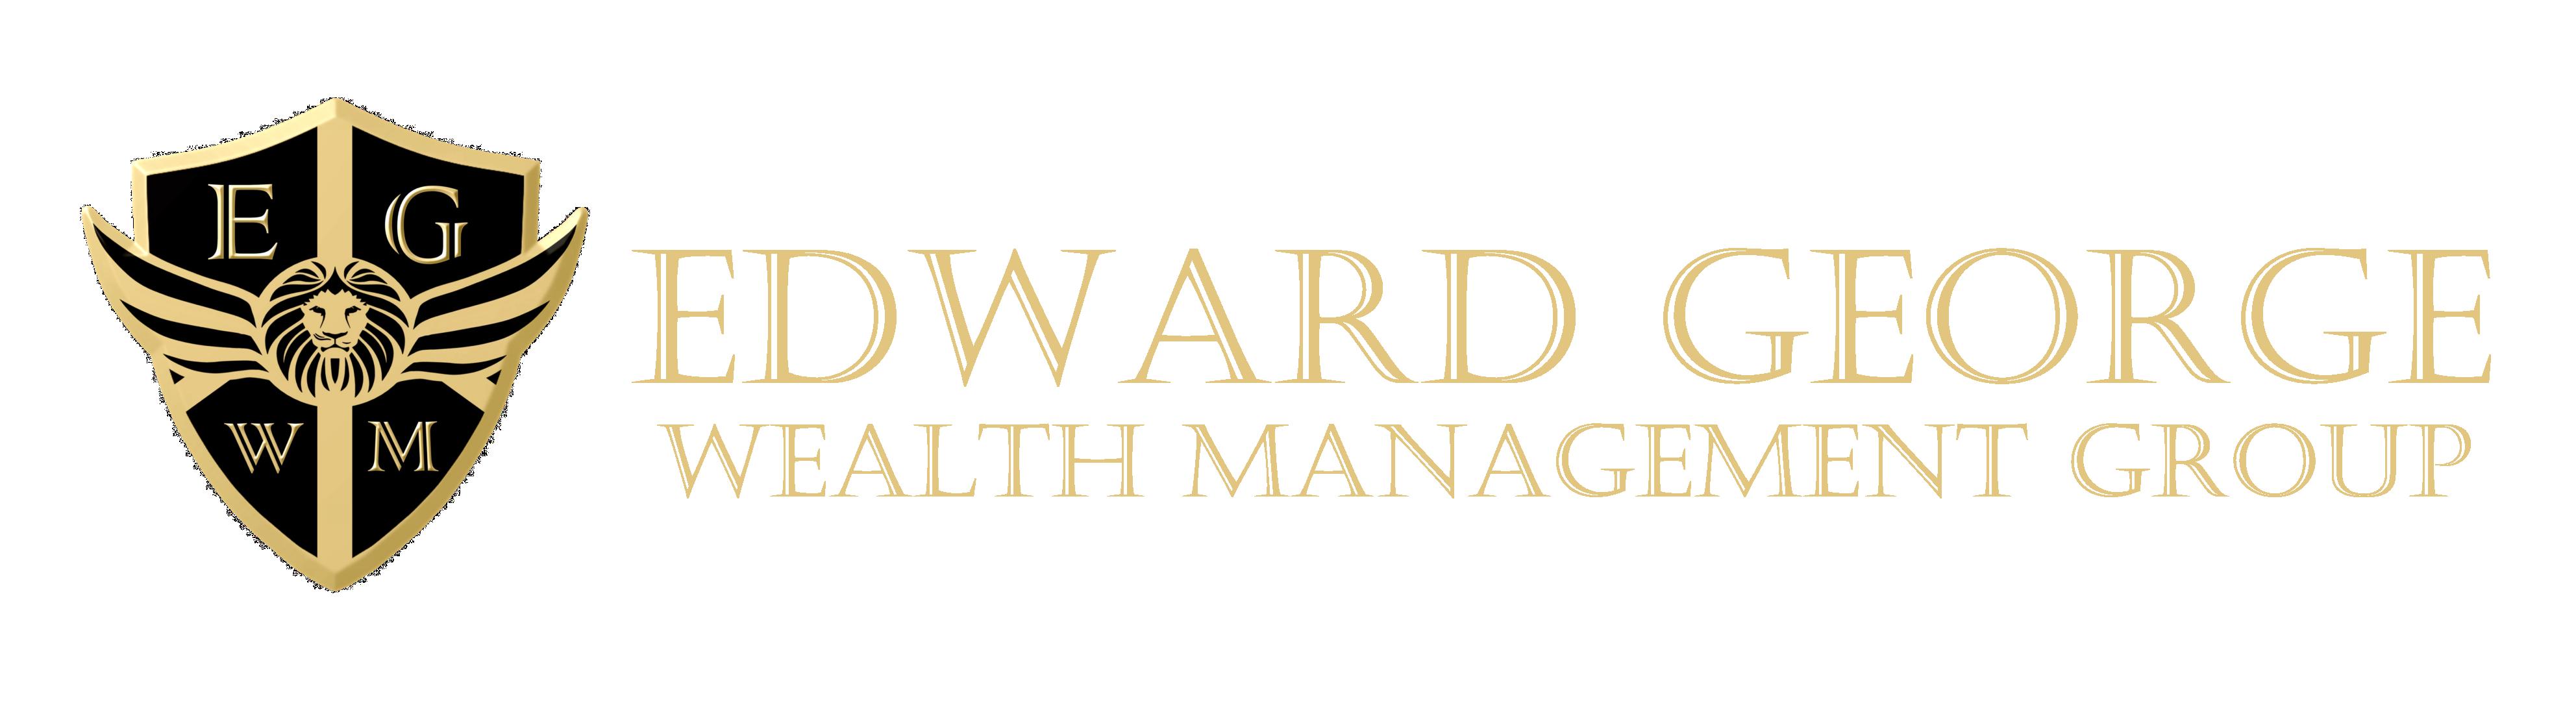 Edward George Wealth Management - Scottsdale, AZ